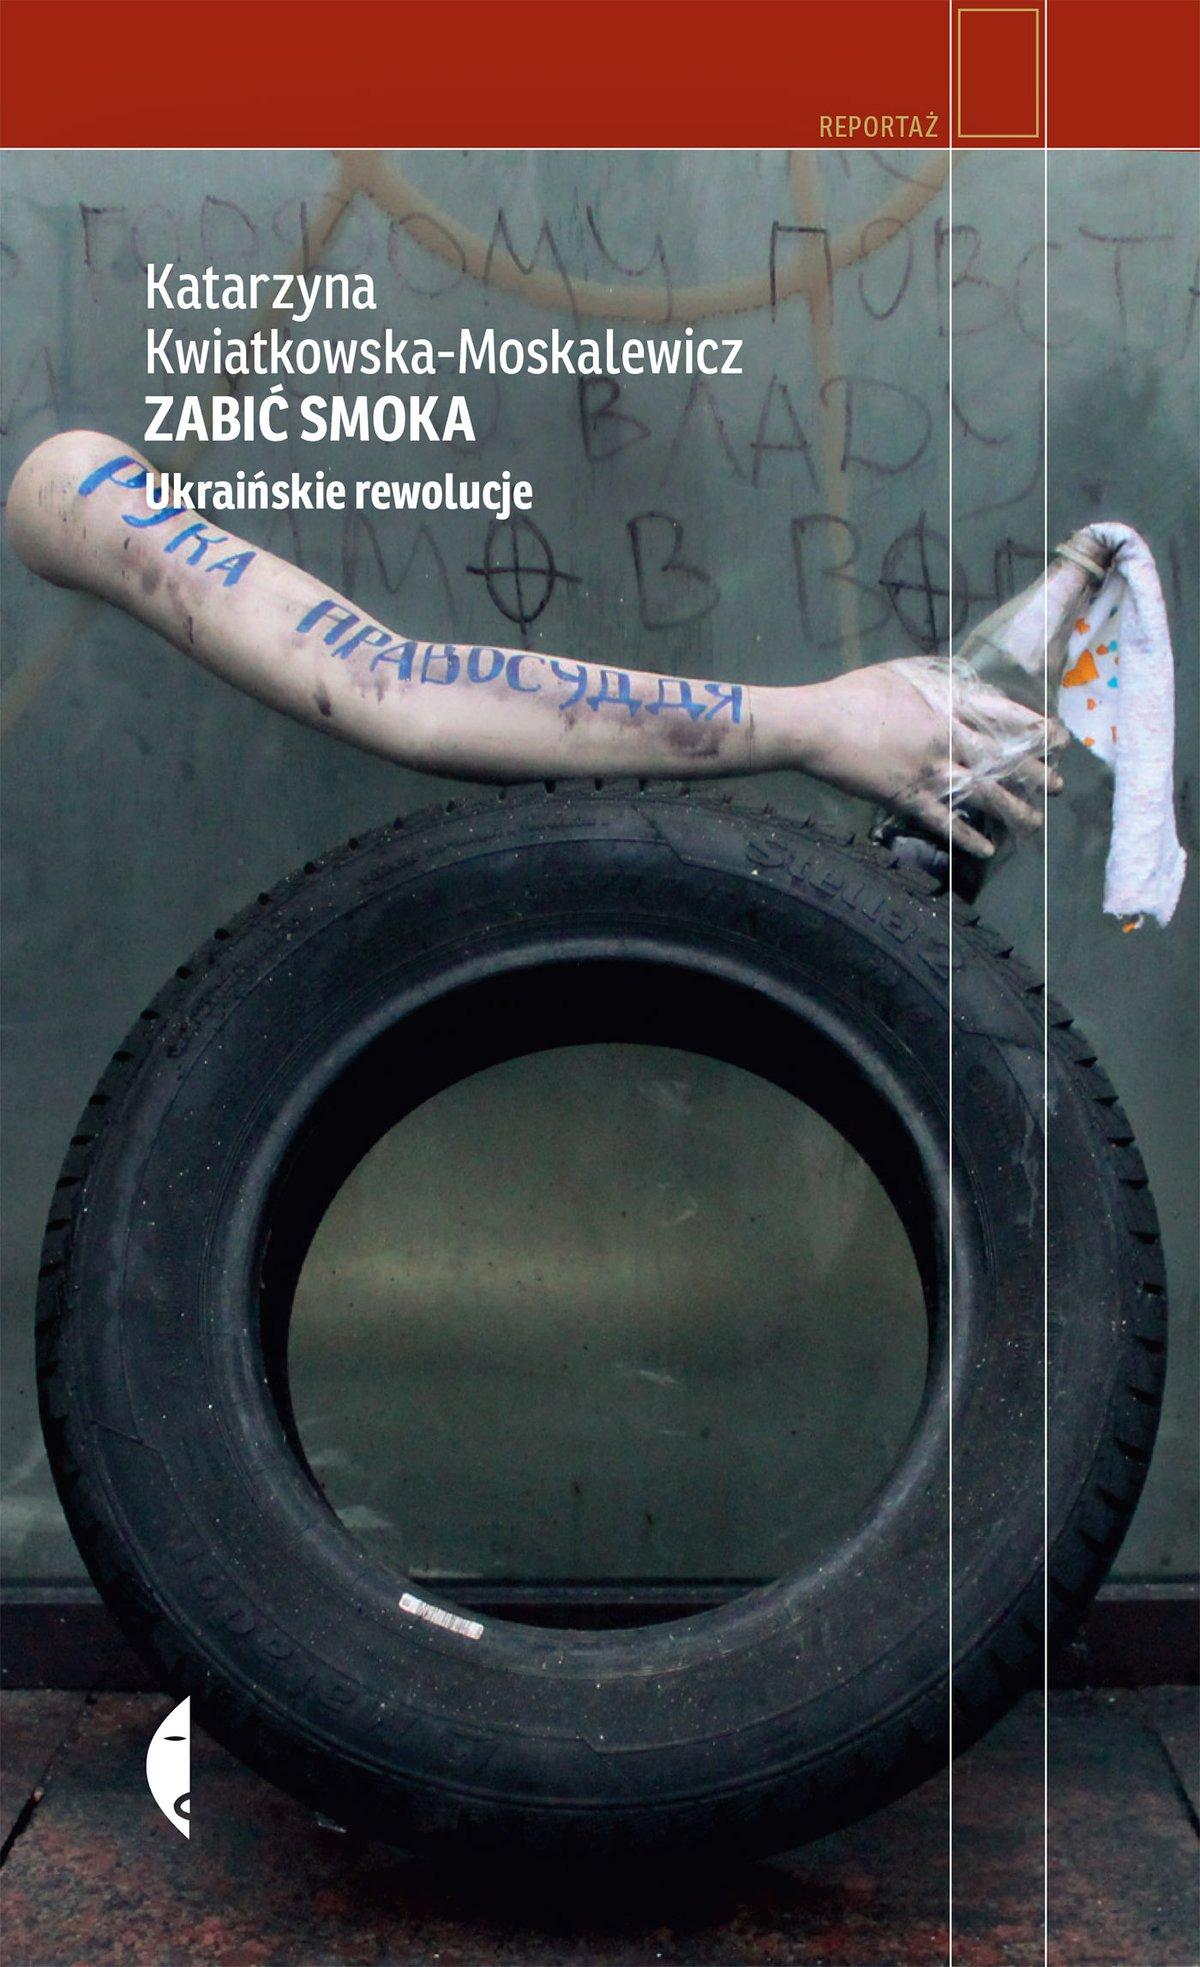 Zabić smoka - Ebook (Książka EPUB) do pobrania w formacie EPUB